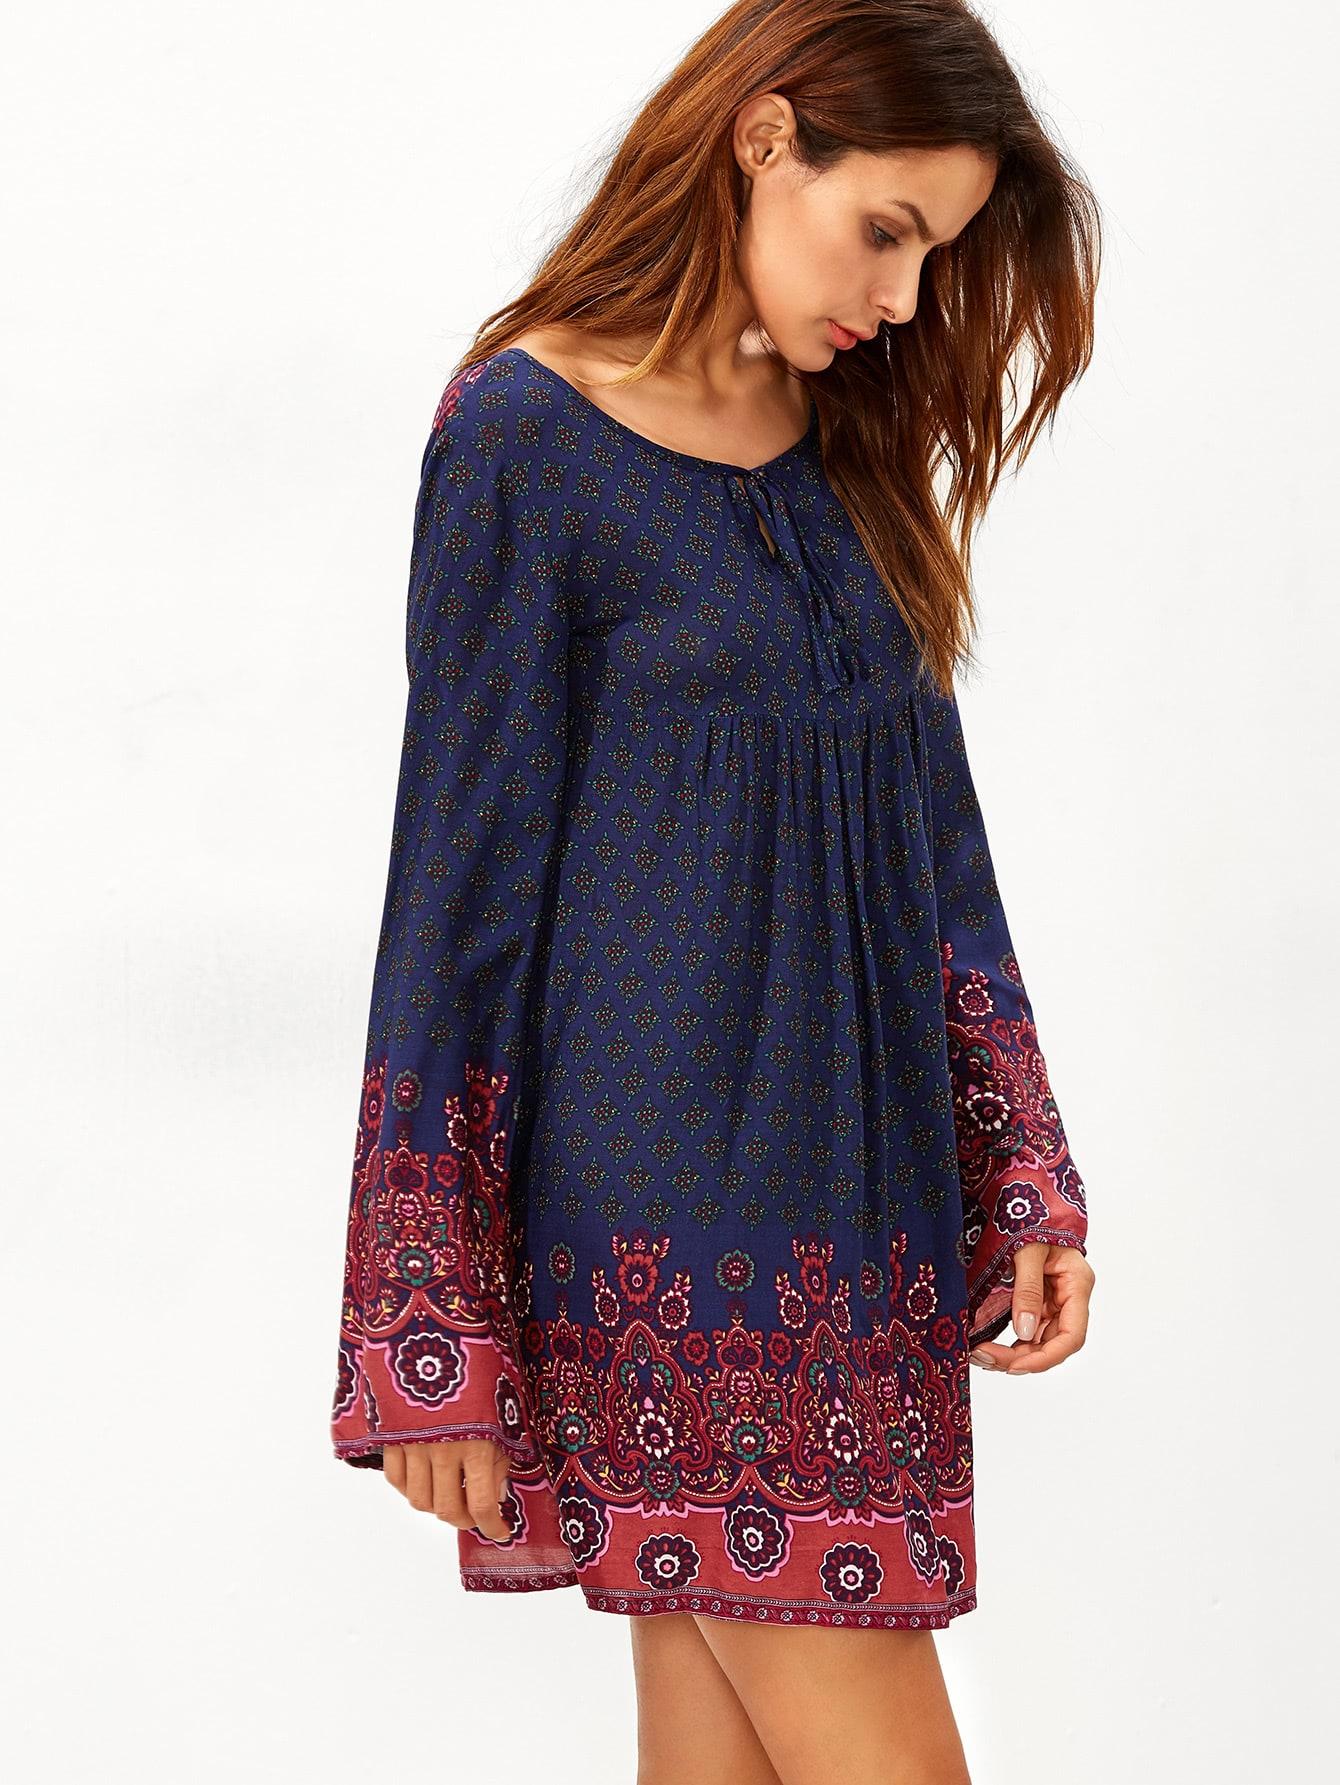 dress160907121_2